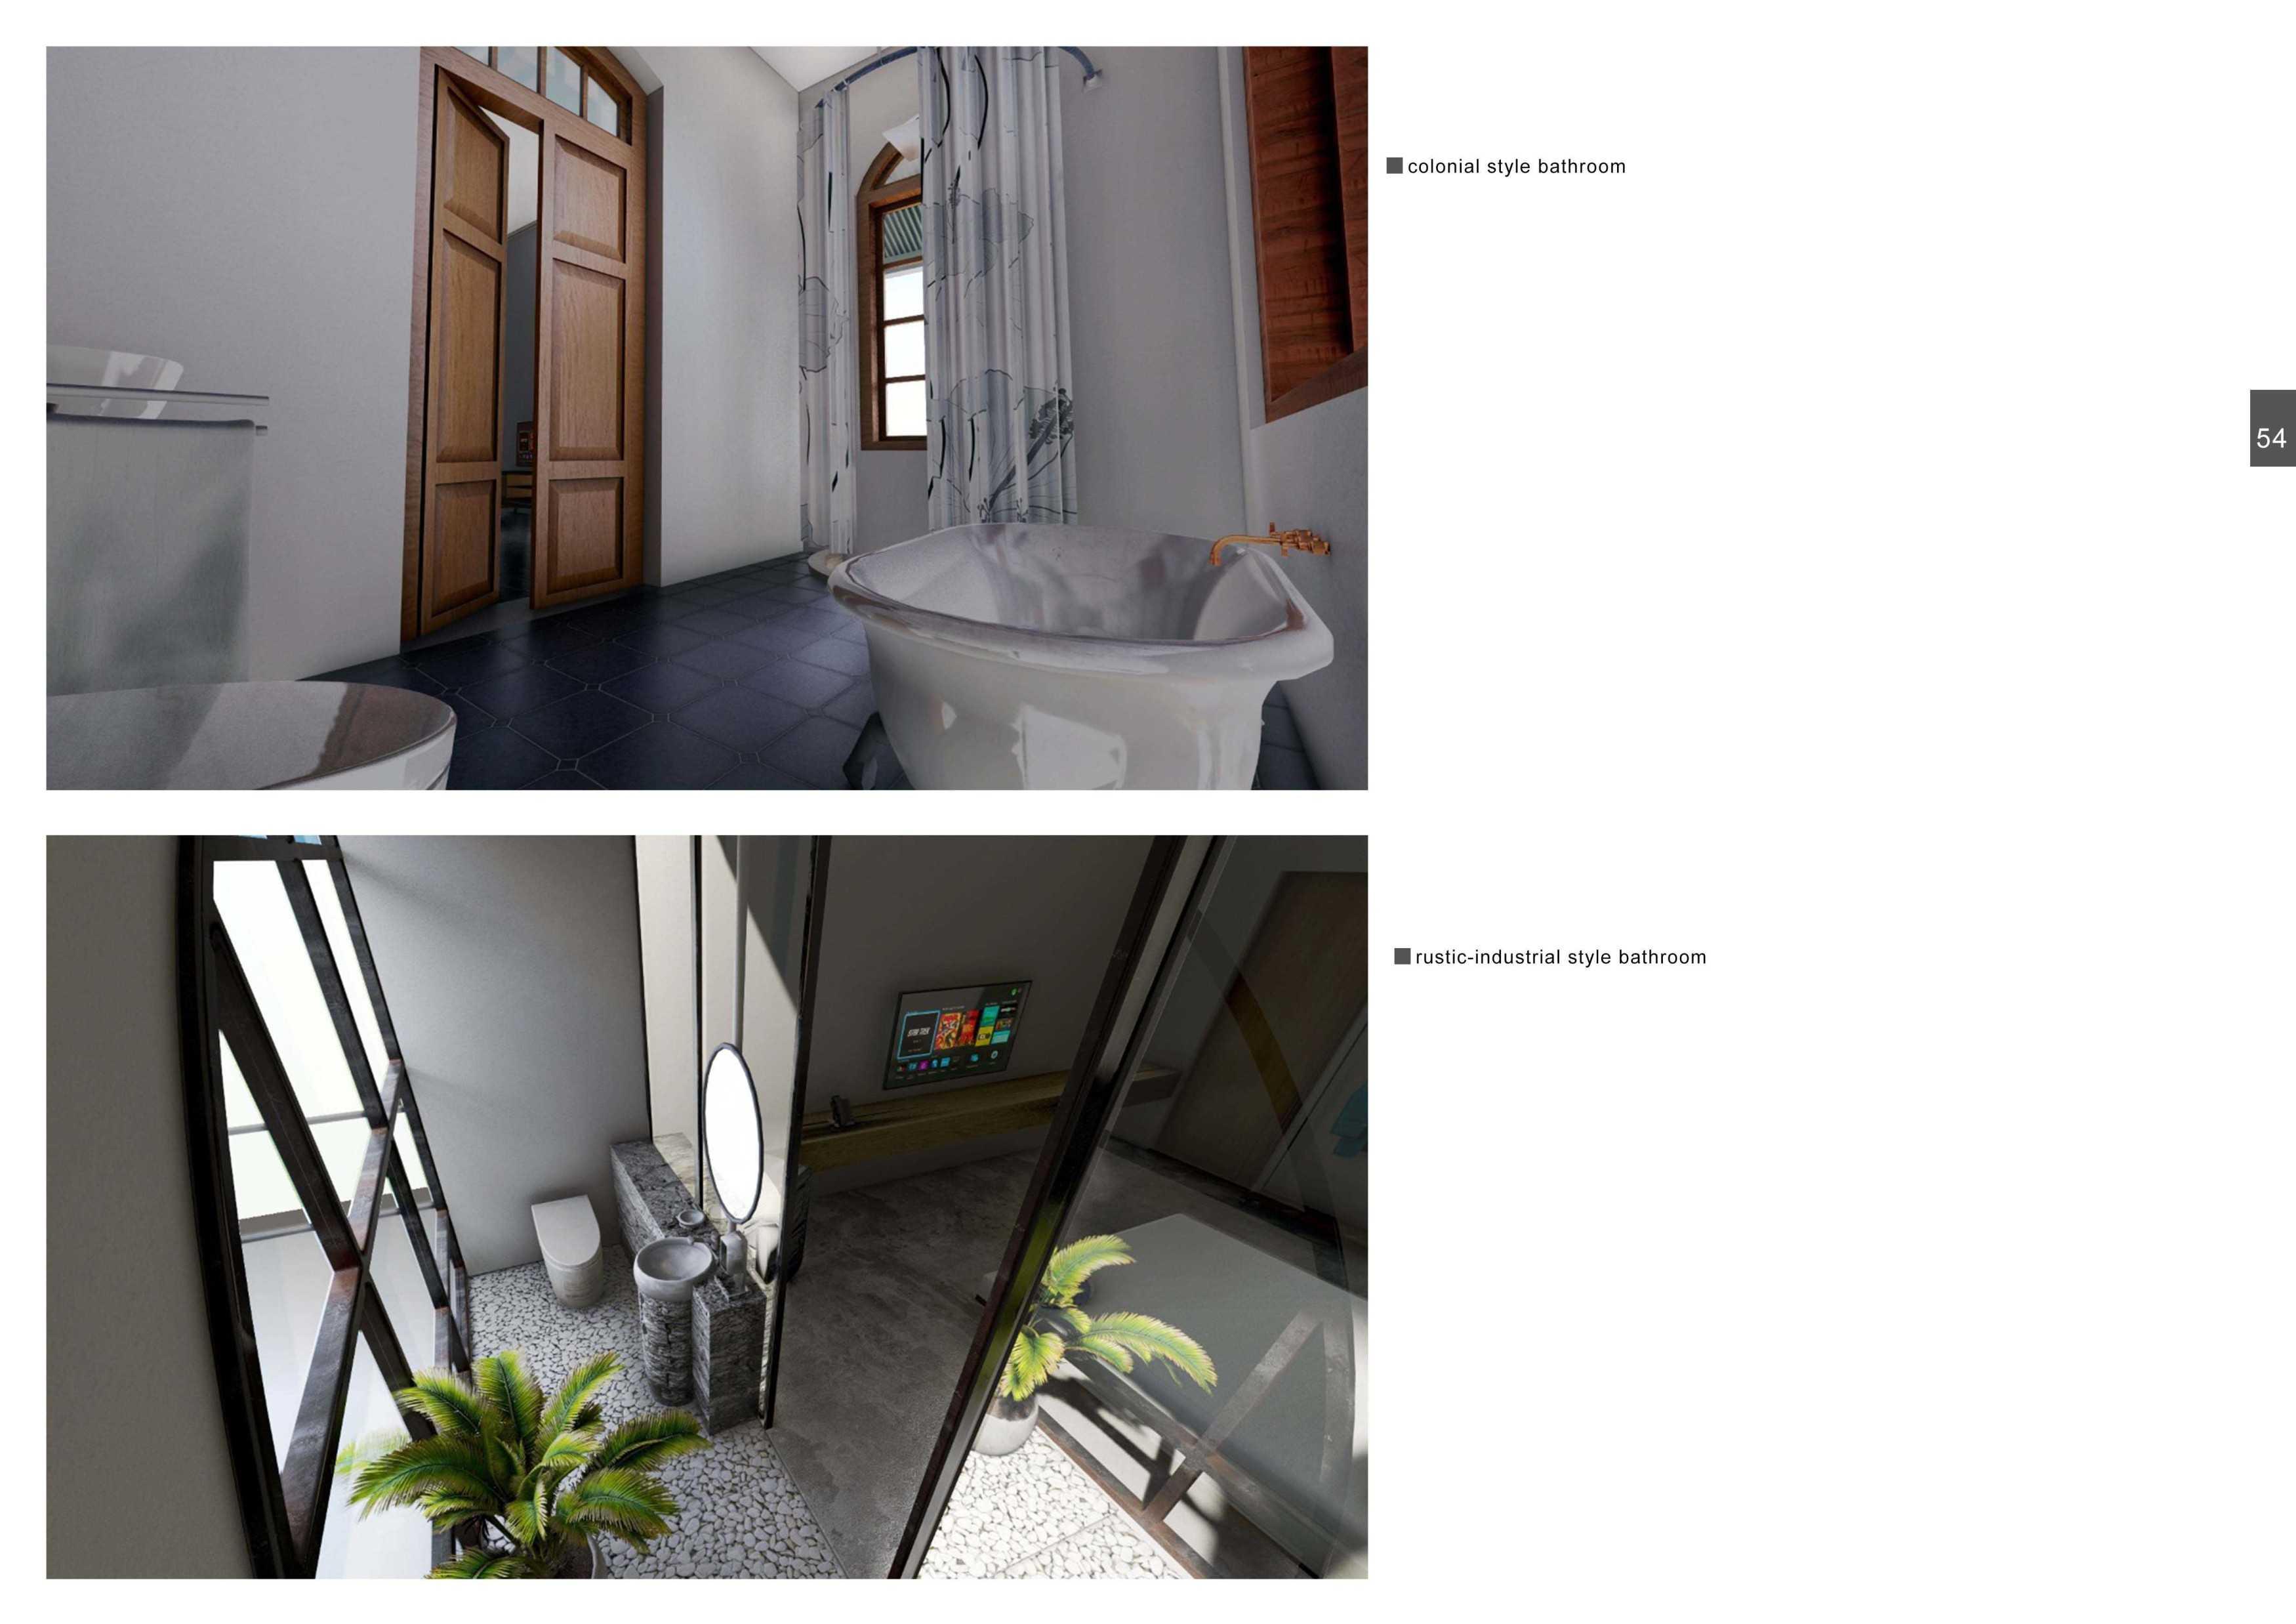 Architect Rudi Elfendes Spaarbank Hotel Padang, Kota Padang, Sumatera Barat, Indonesia Padang, Kota Padang, Sumatera Barat, Indonesia Architect-Rudi-Elfendes-Spaarbank-Hotel   115406